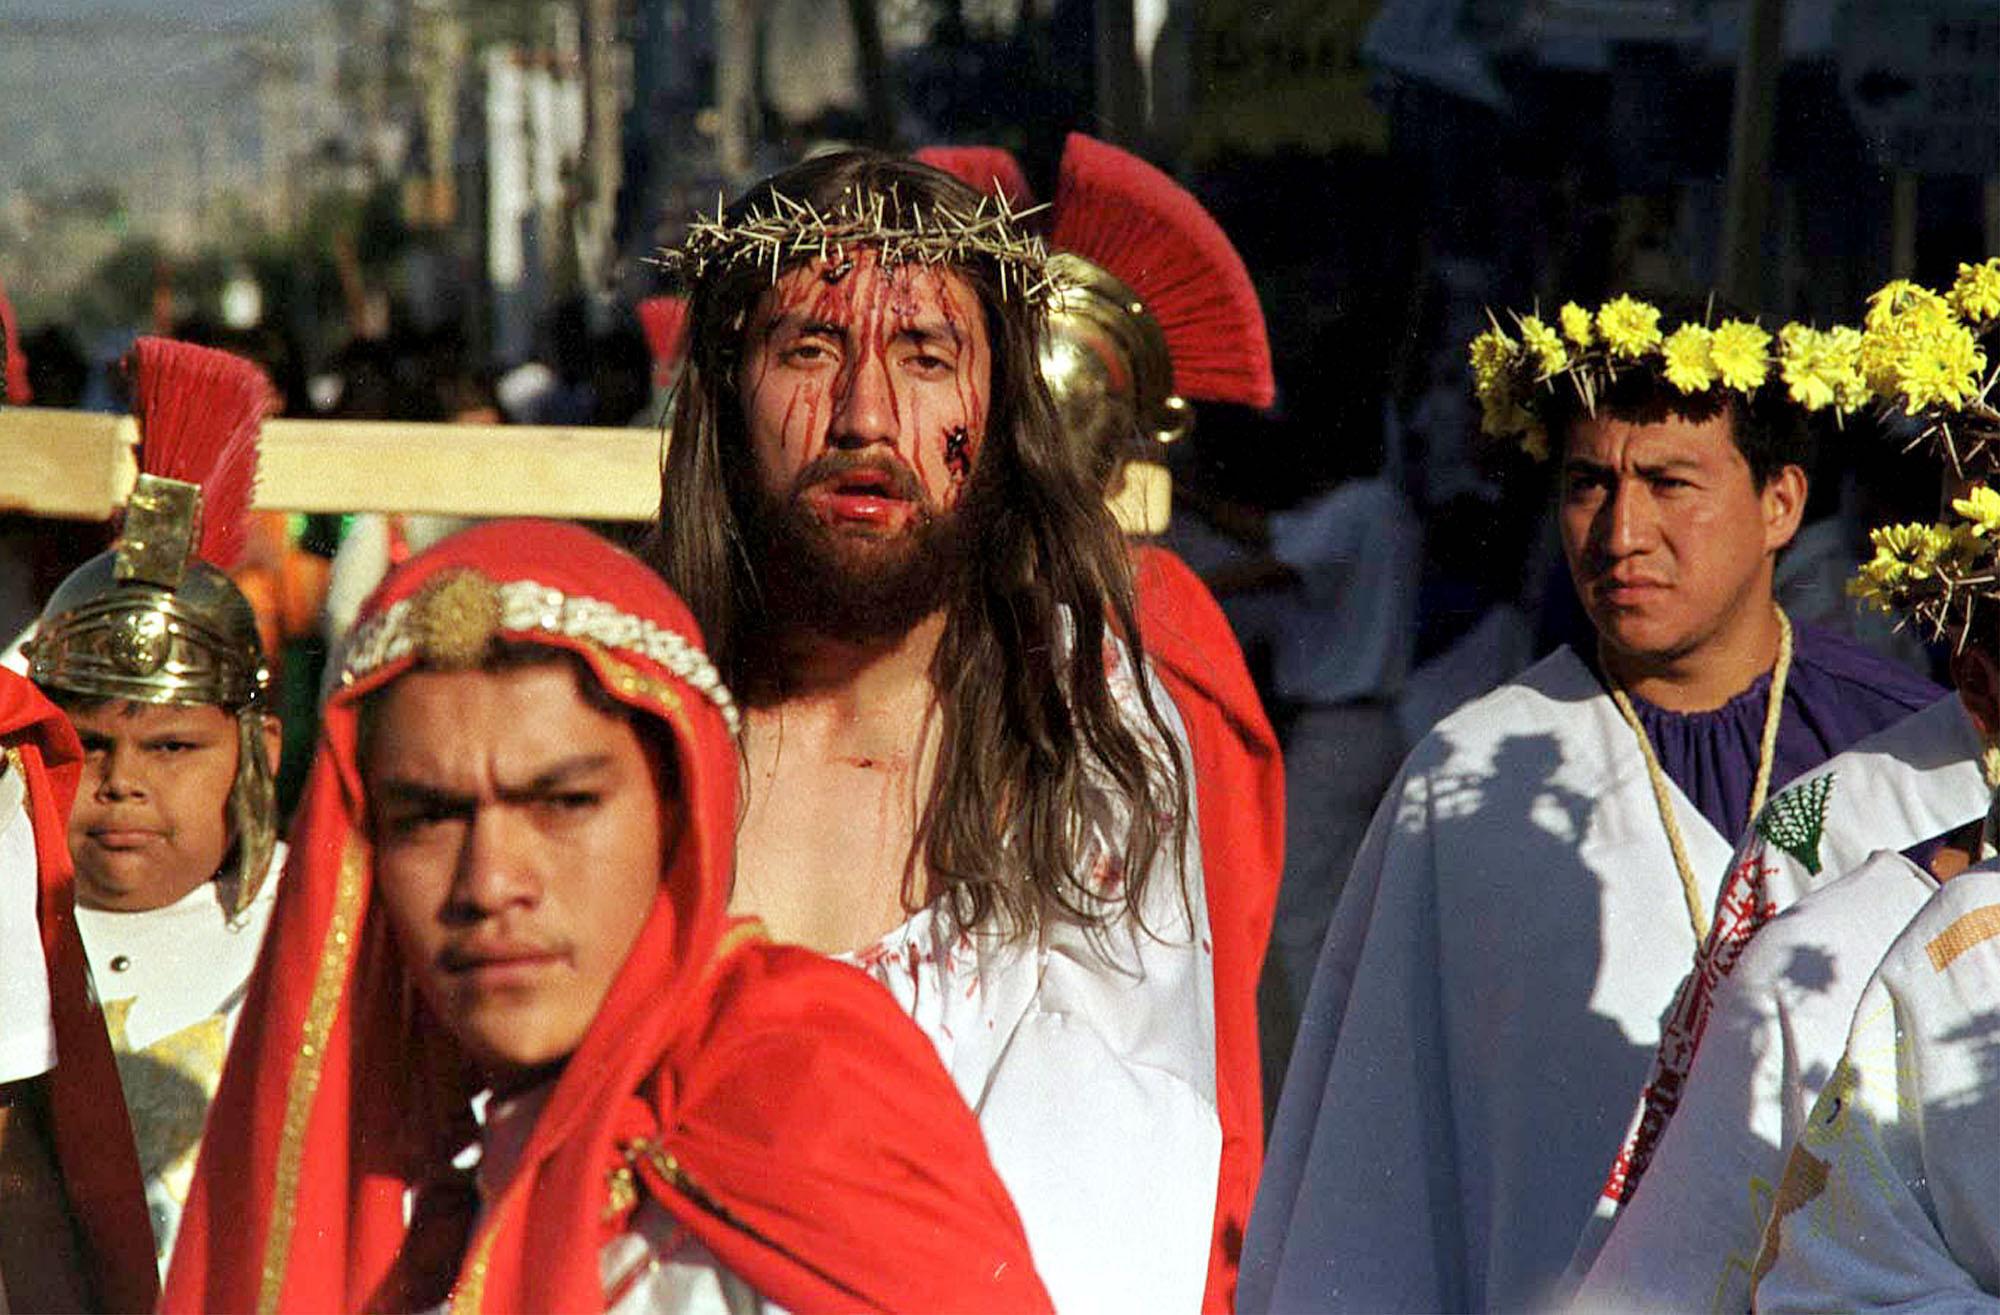 Inicia 174 representación de la Pasión de Cristo en Iztapalapa